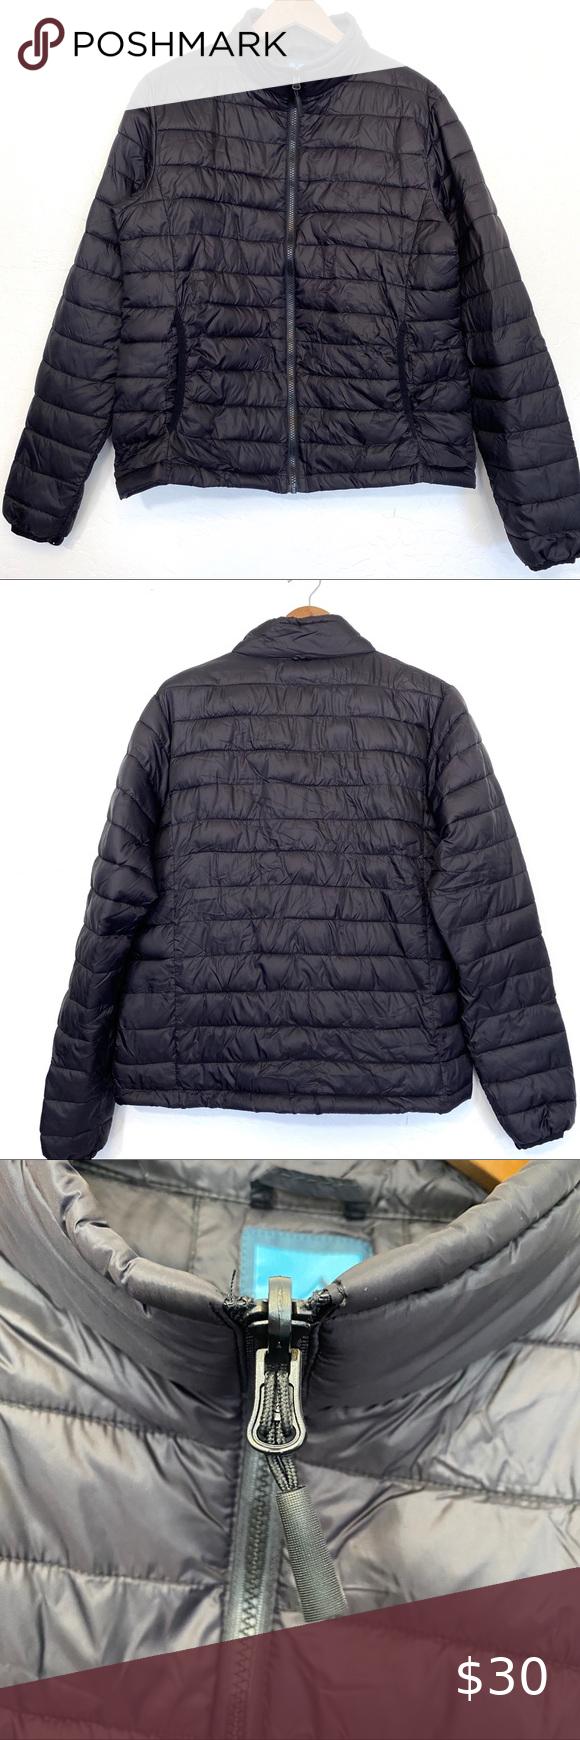 Iceberg Outerwear Lightweight Puffer Jacket Outerwear Jackets For Women Clothes Design [ 1740 x 580 Pixel ]